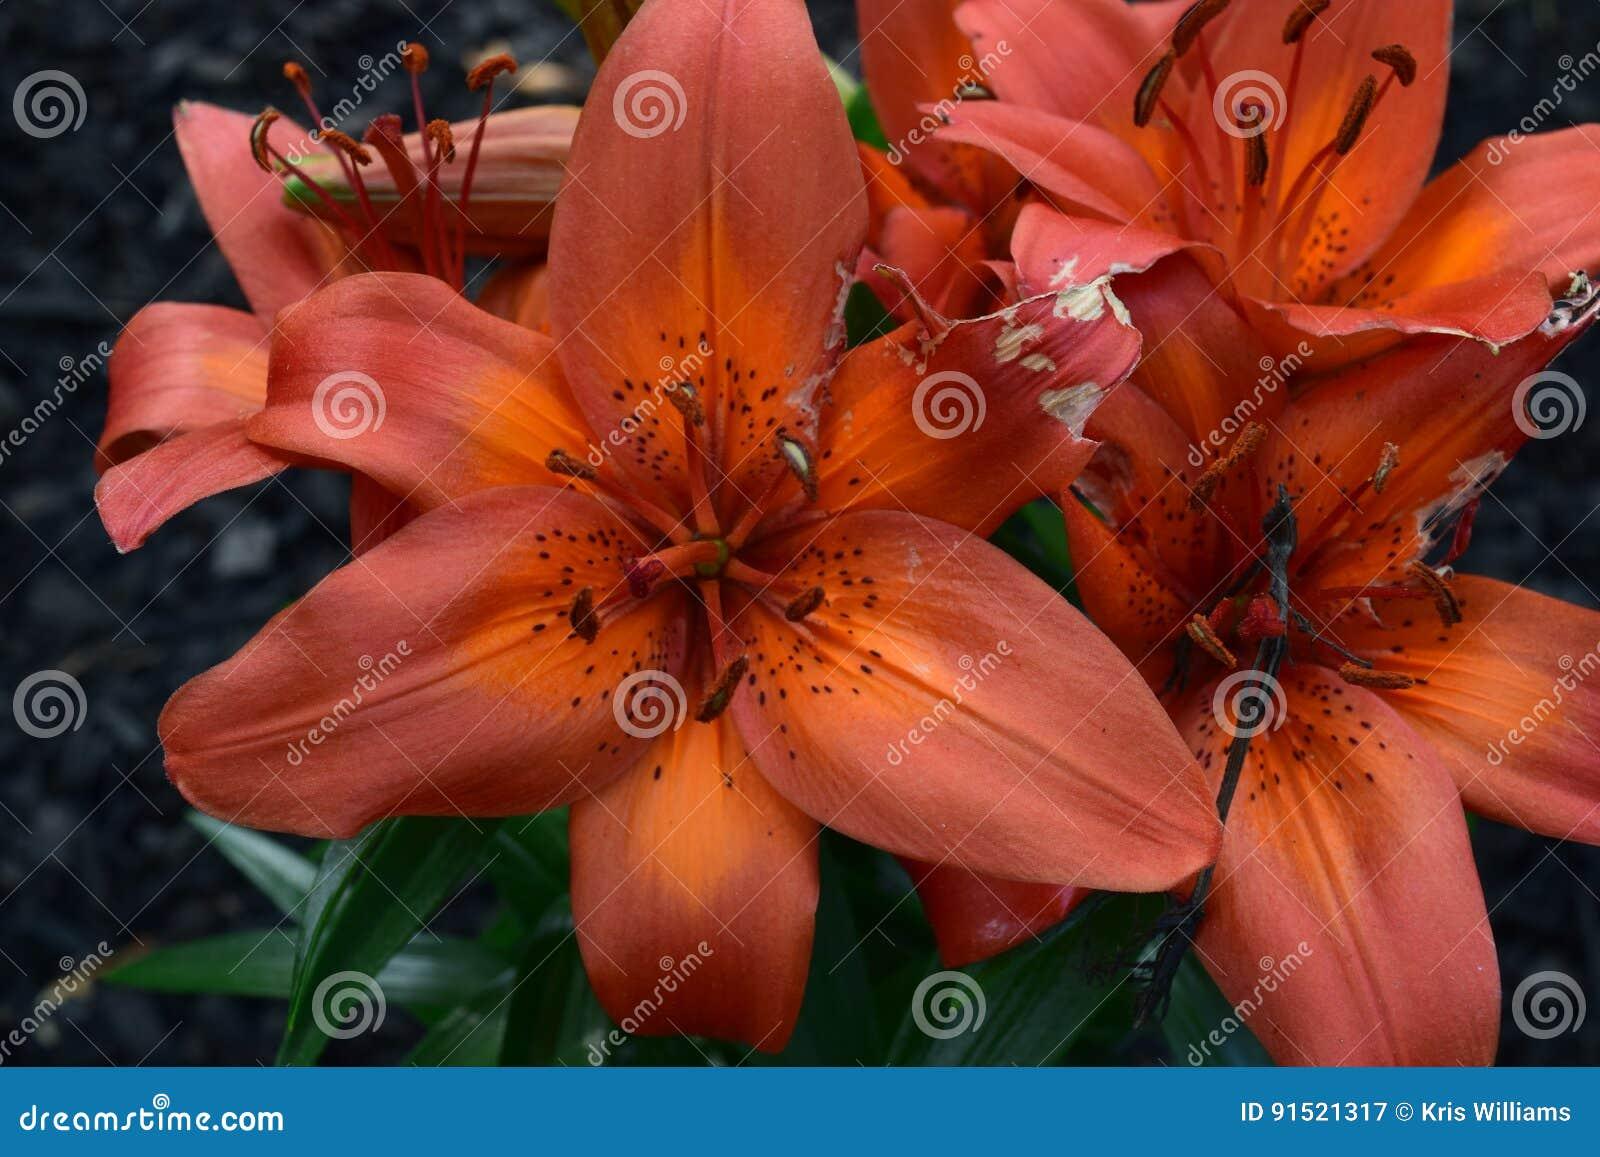 Huge orange lilly bloom